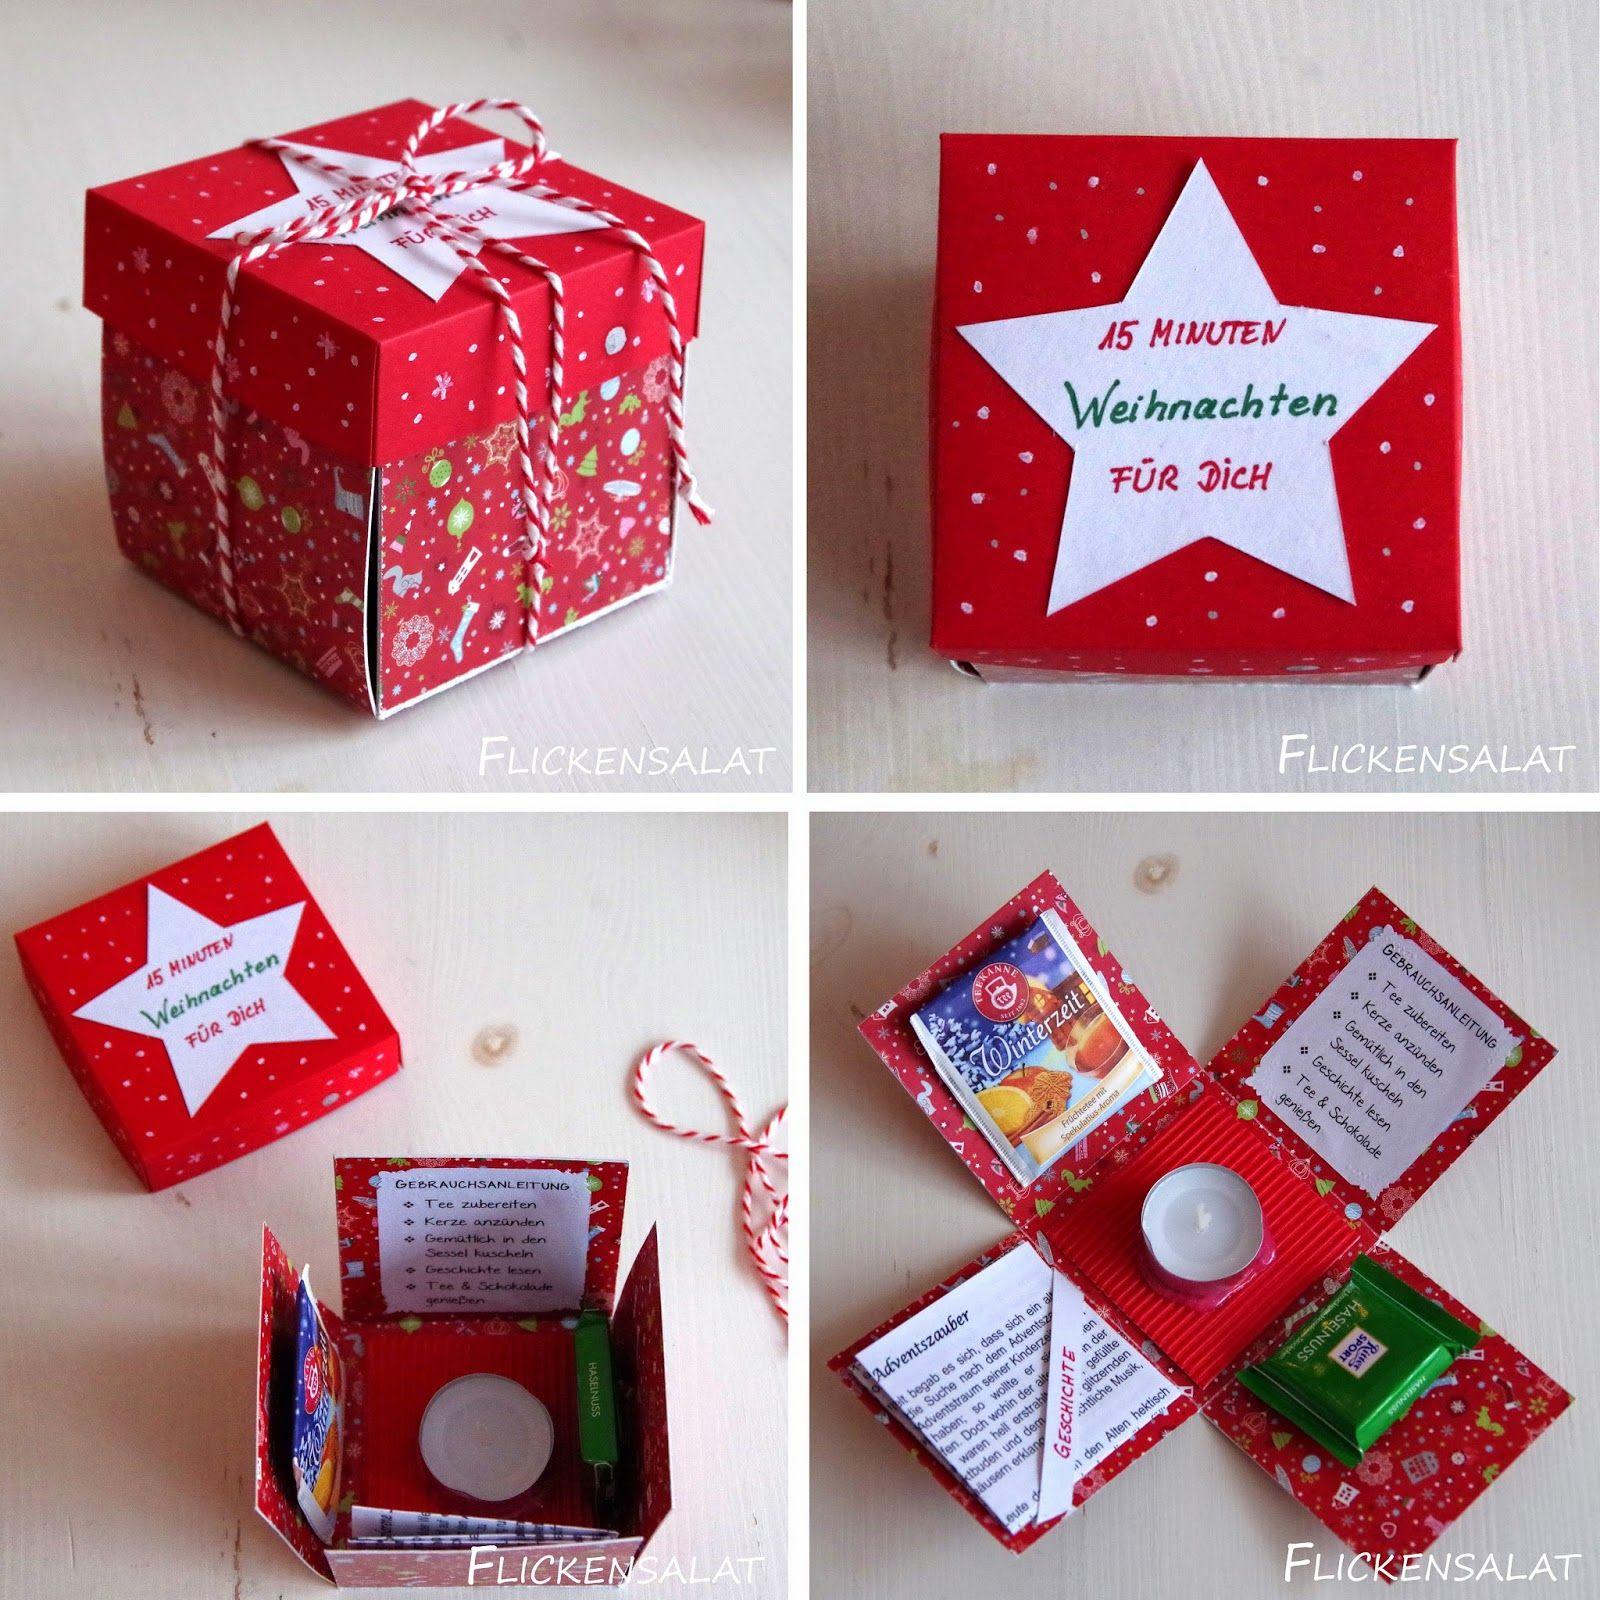 Die 15-Minuten-Weihnachten-Box | Nice